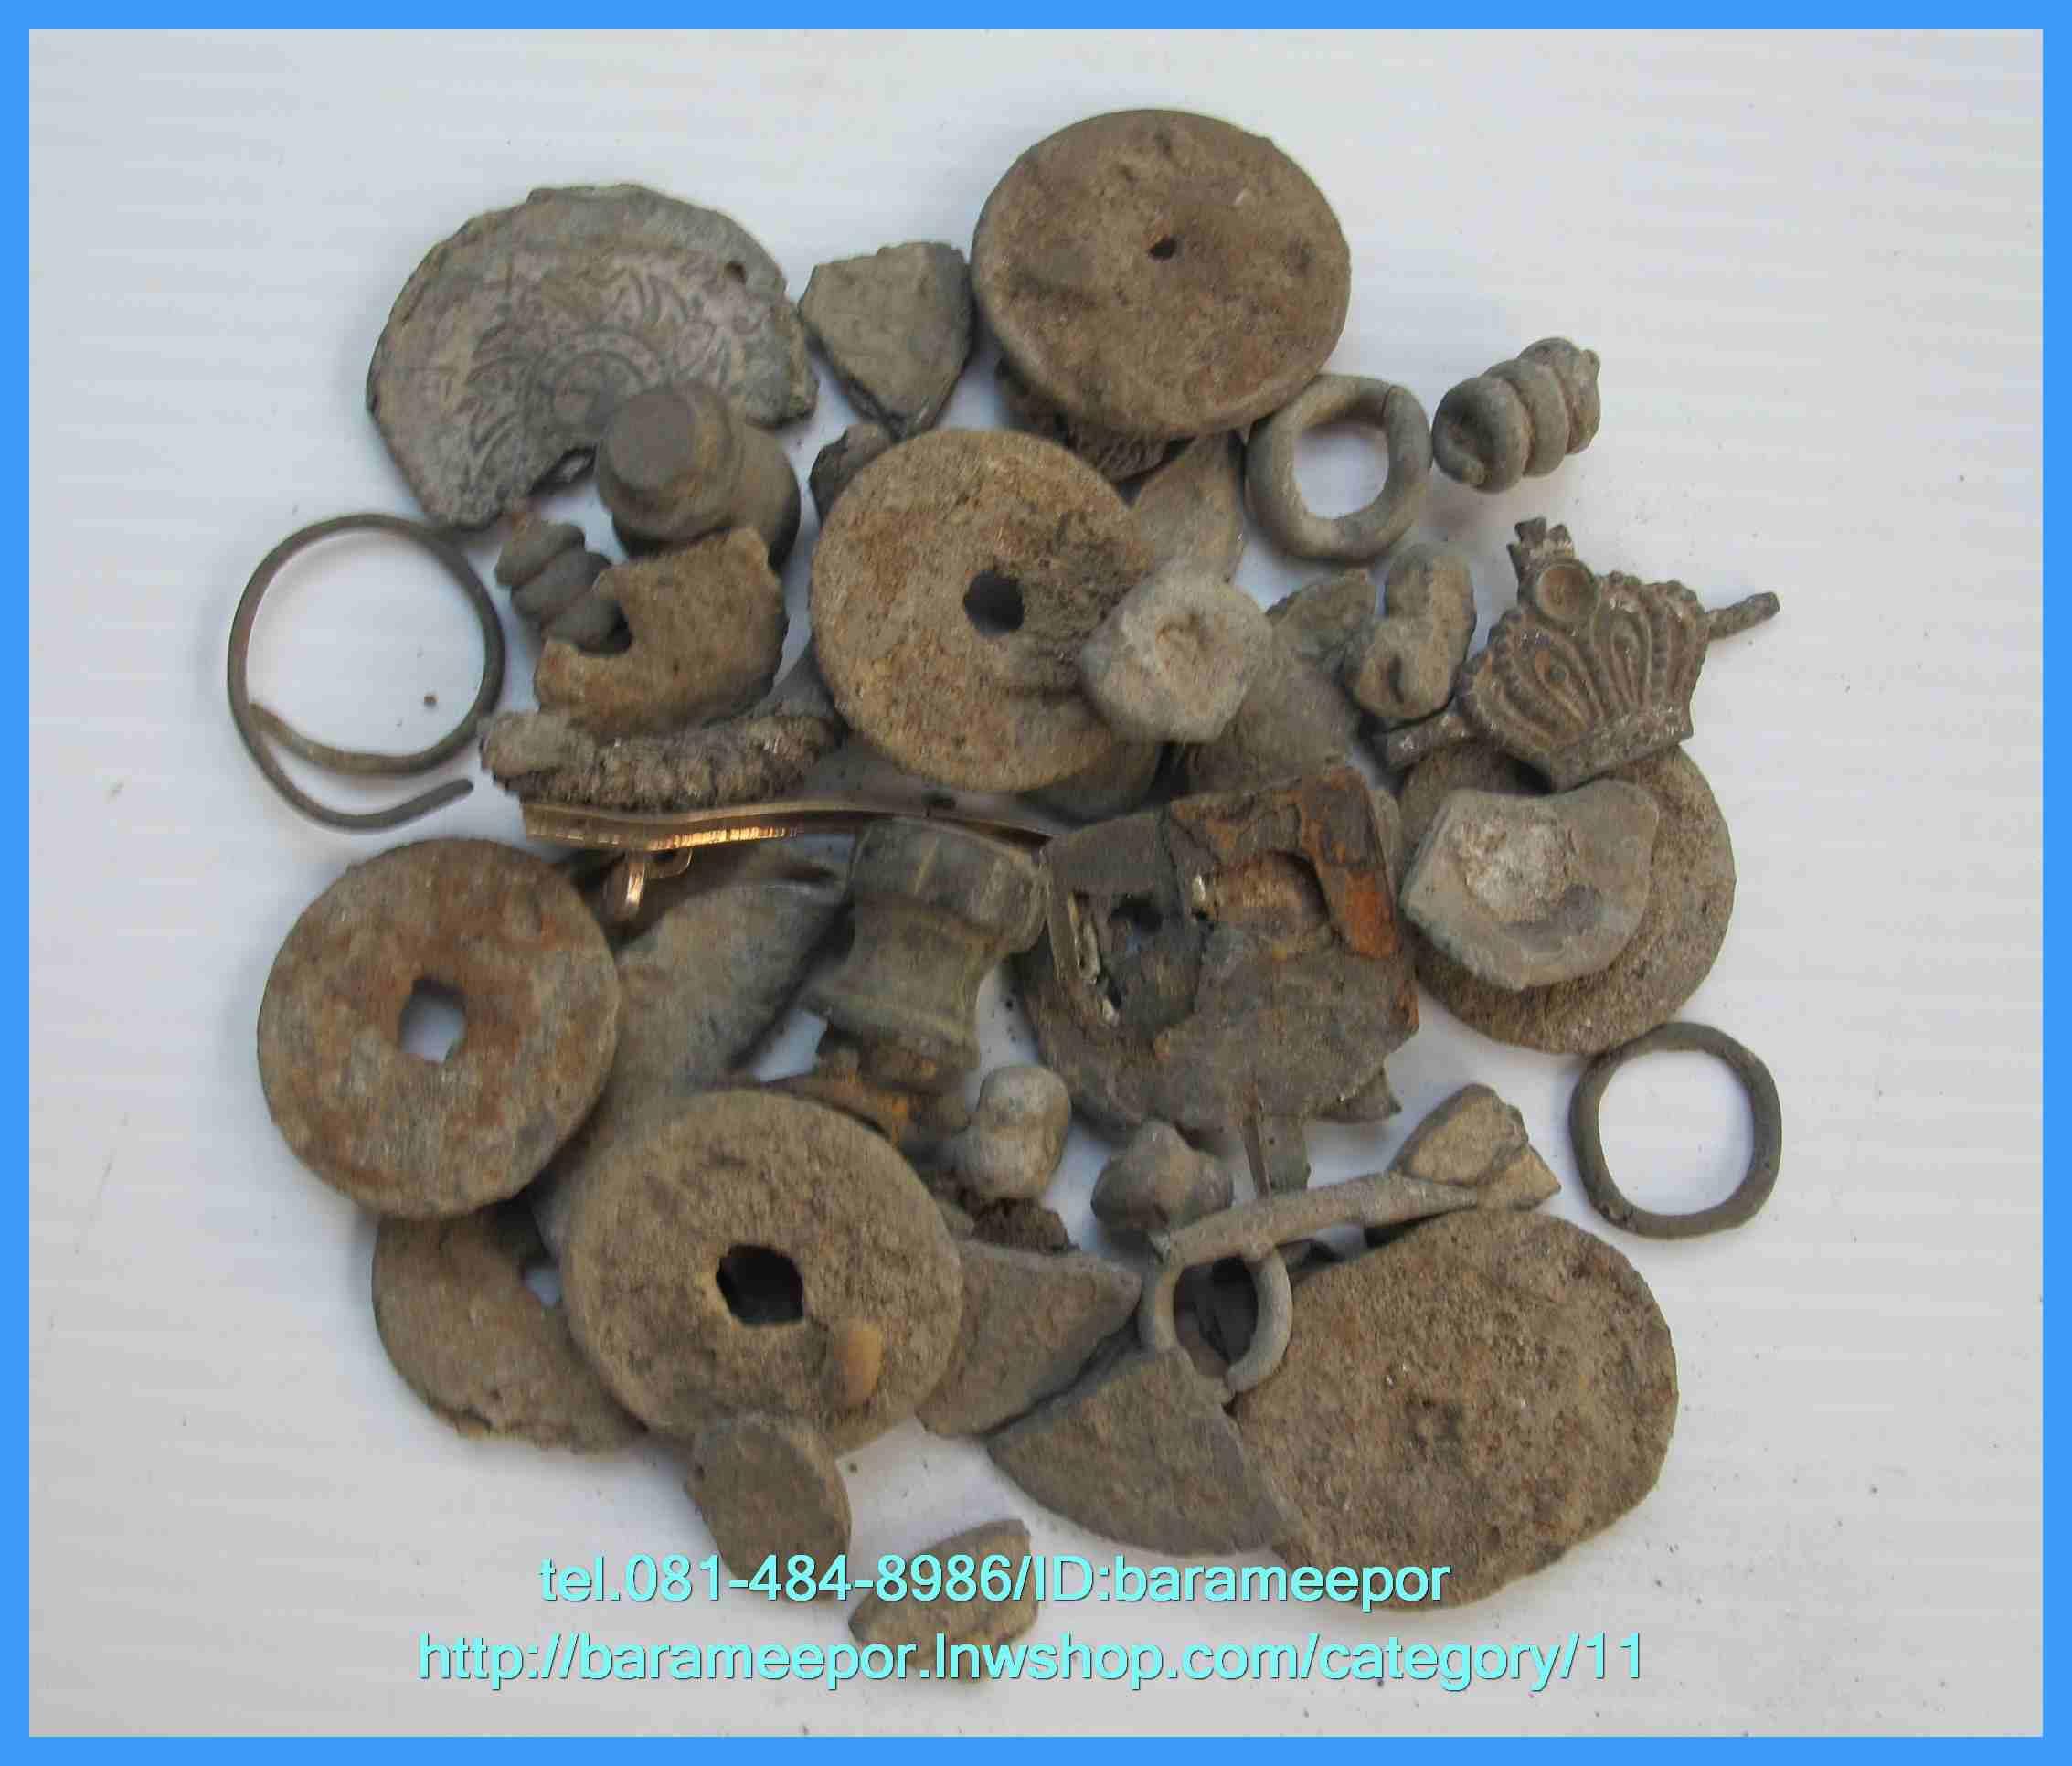 เหรียญเก่า ของจากใต้ทะเล จากเรือจม